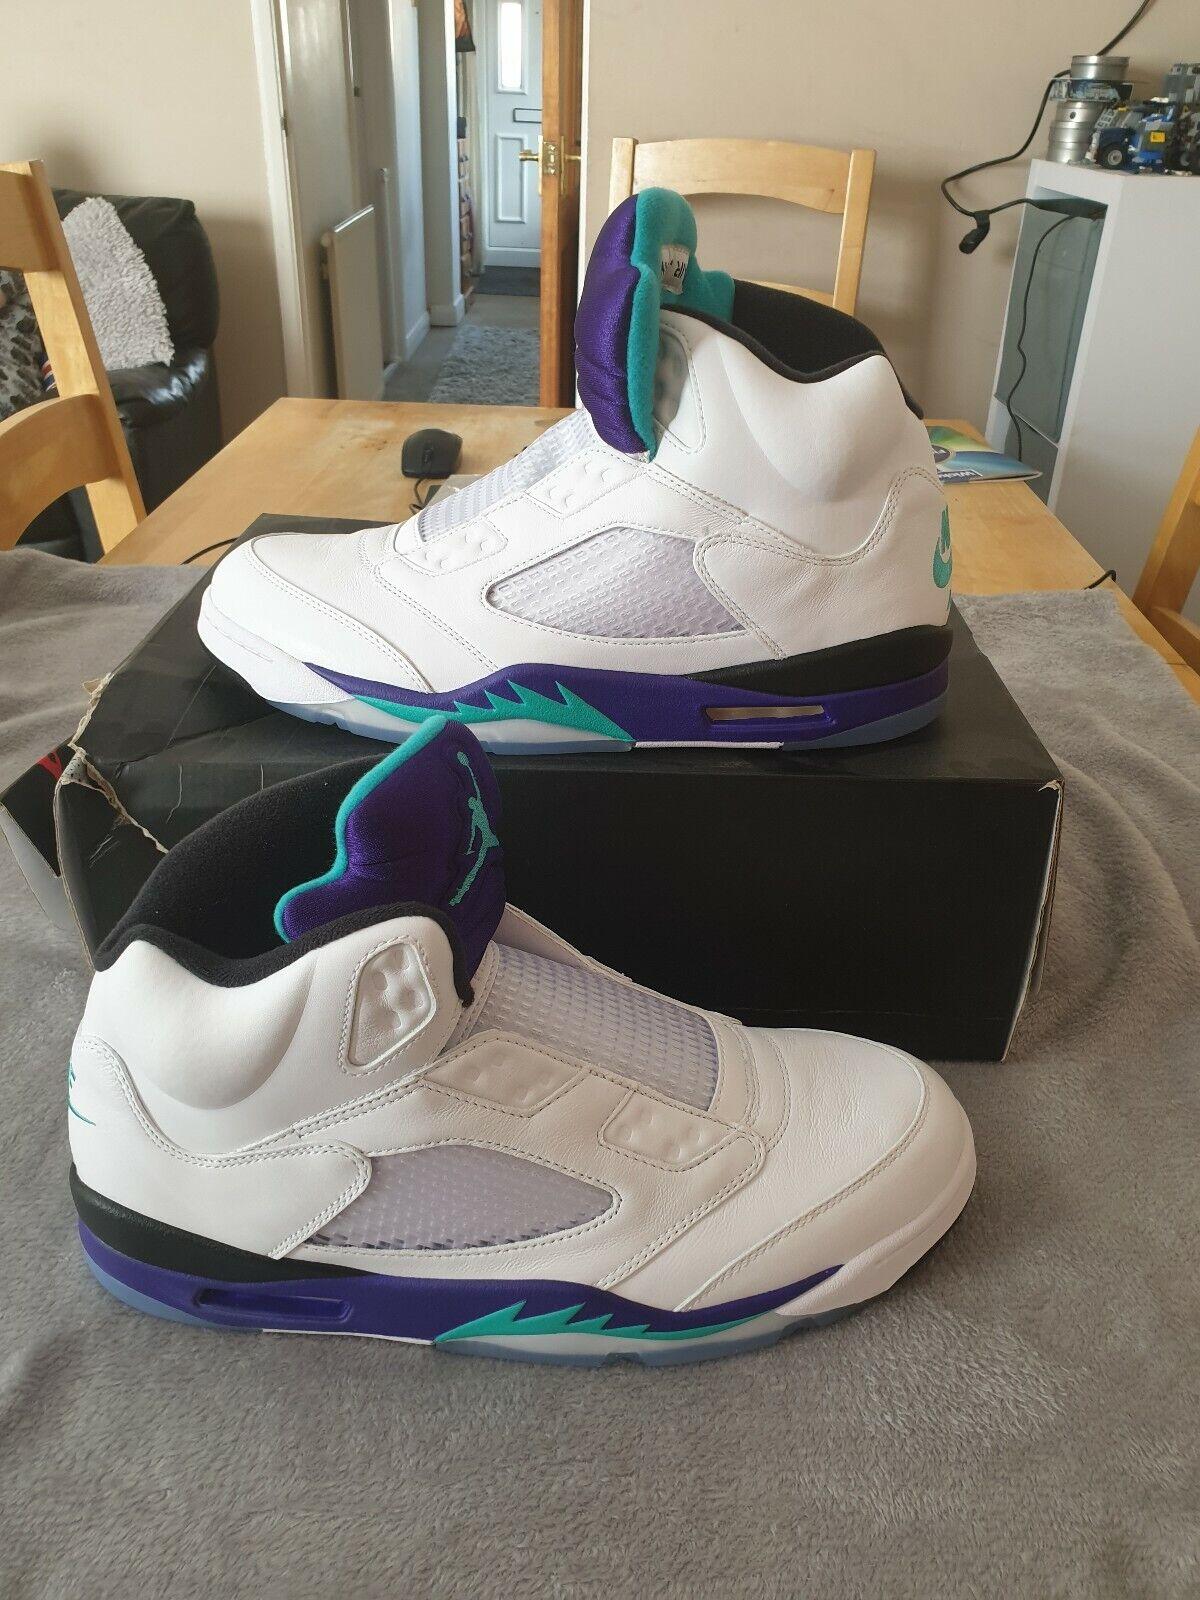 Nike Air Jordan 5 Retro NRG Fresh Prince UK Size 12